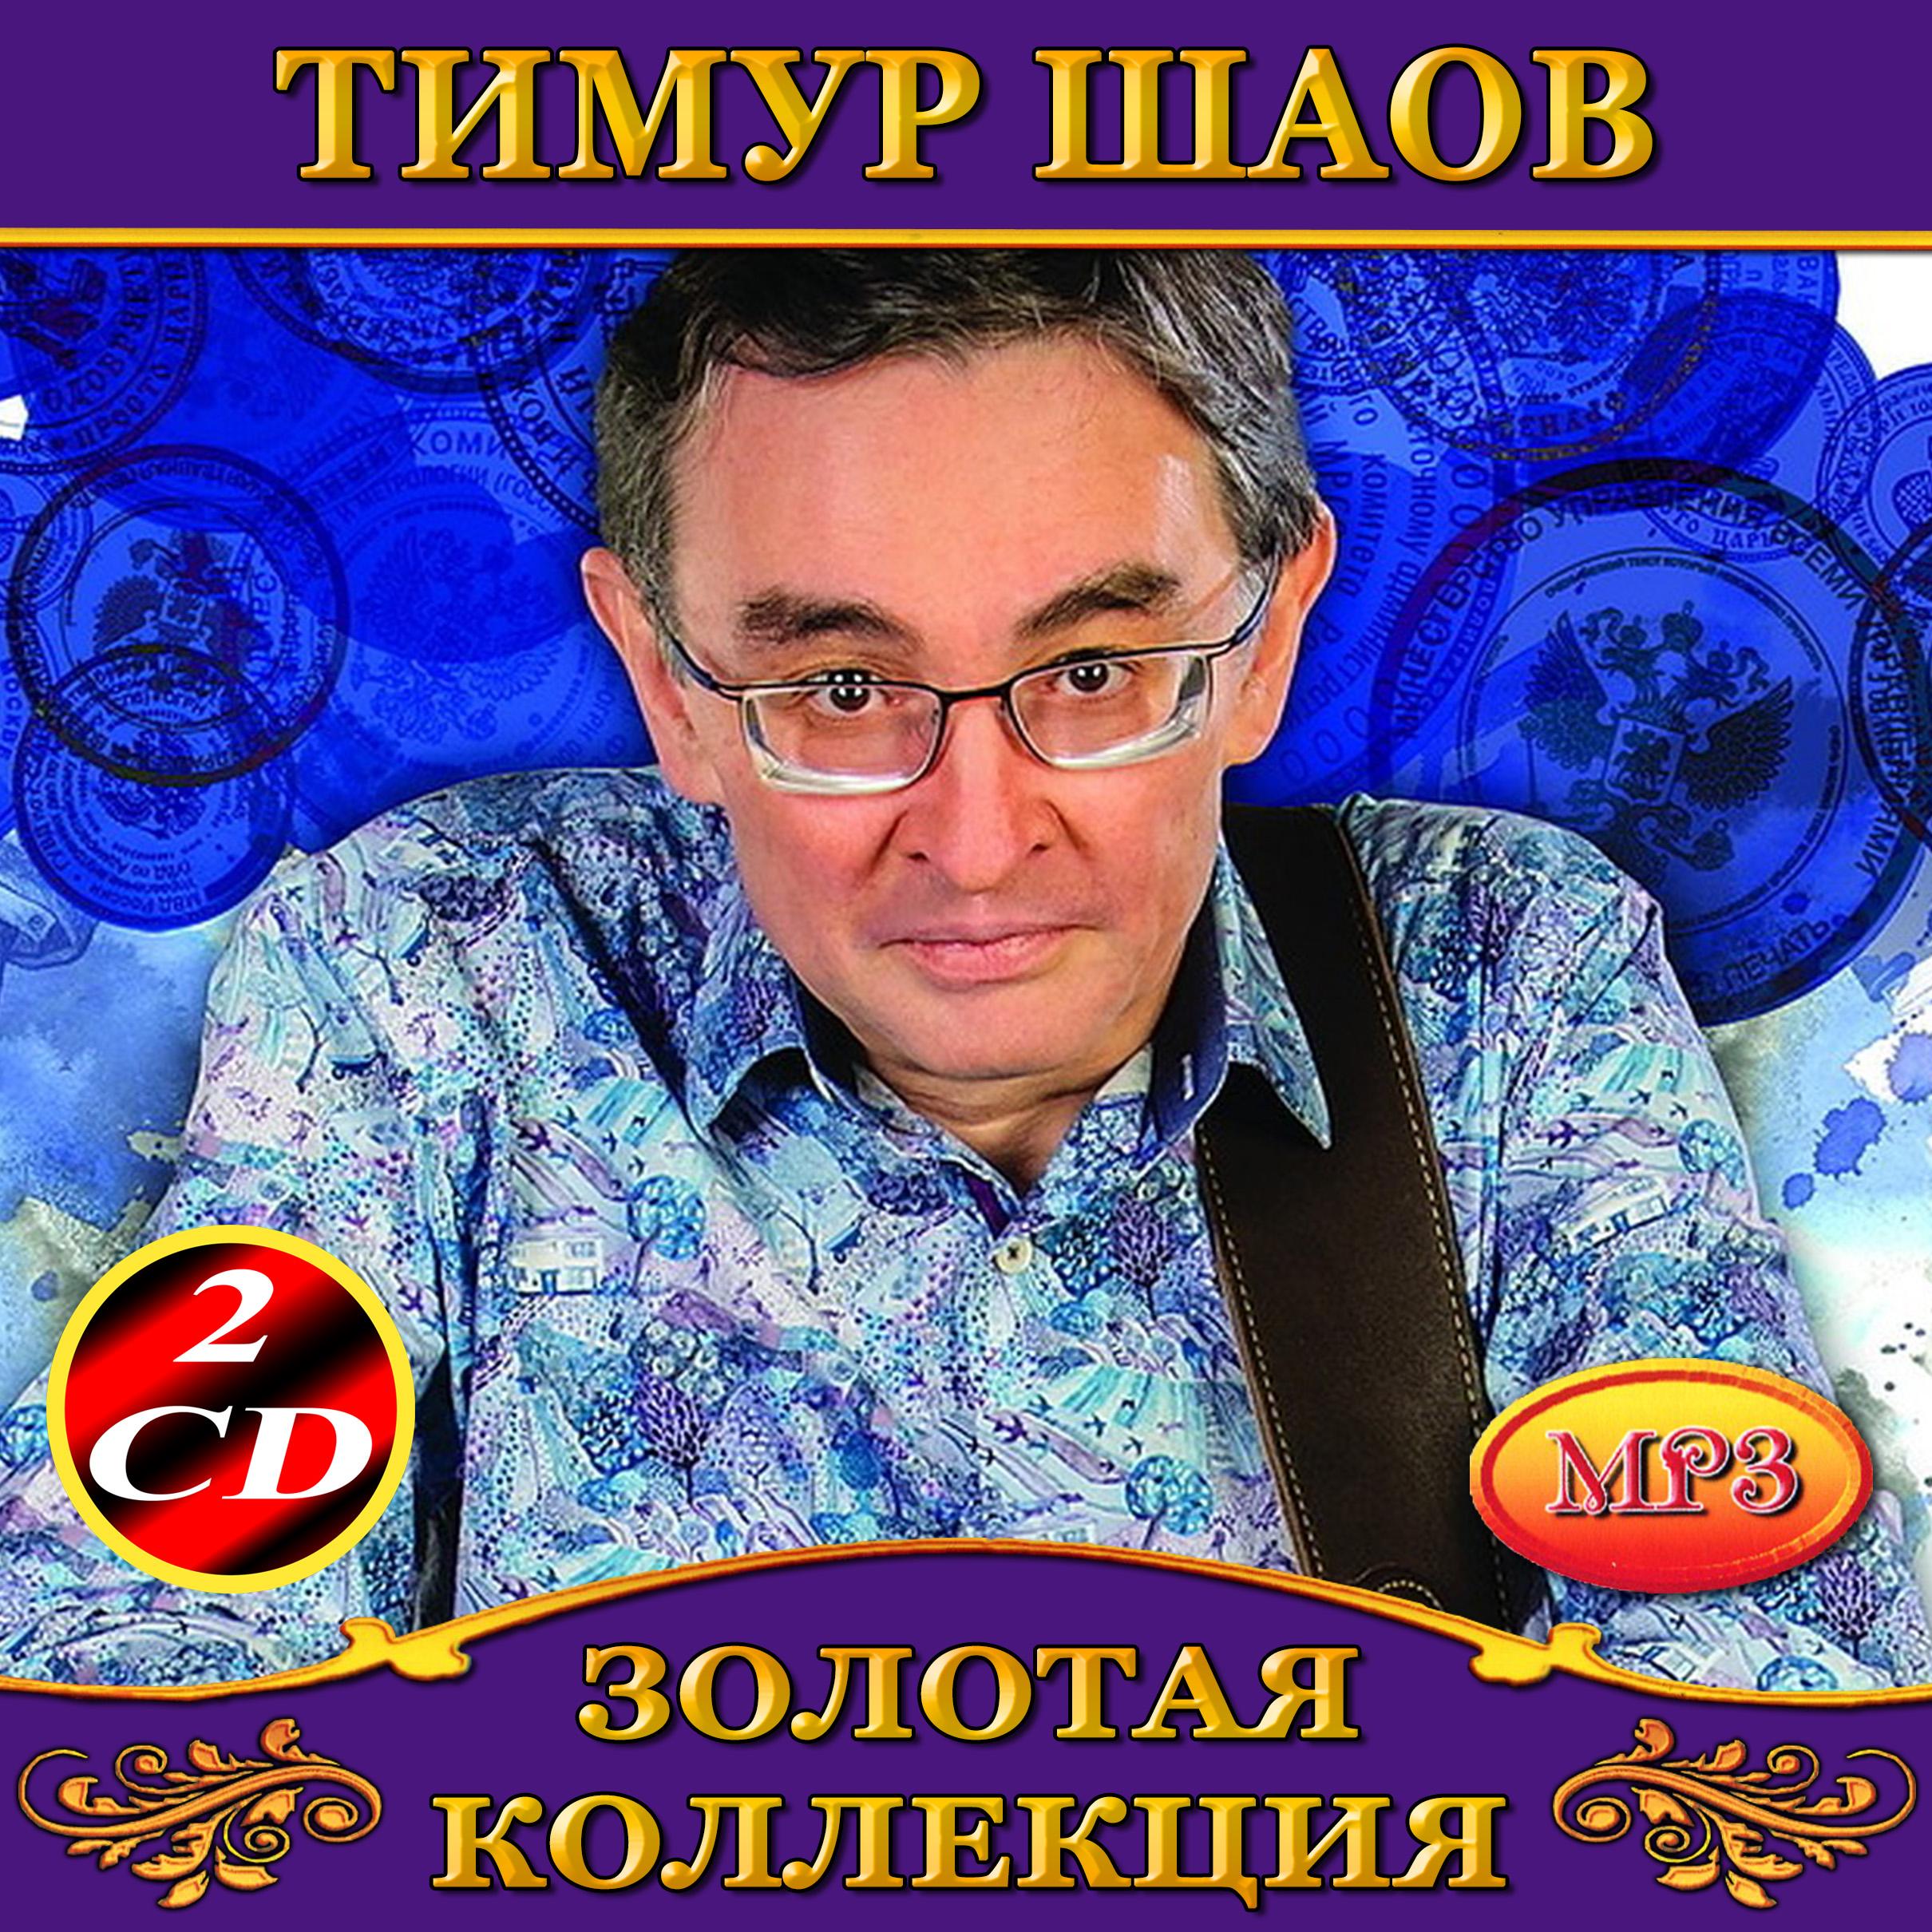 Тимур Шаов 2cd [mp3]